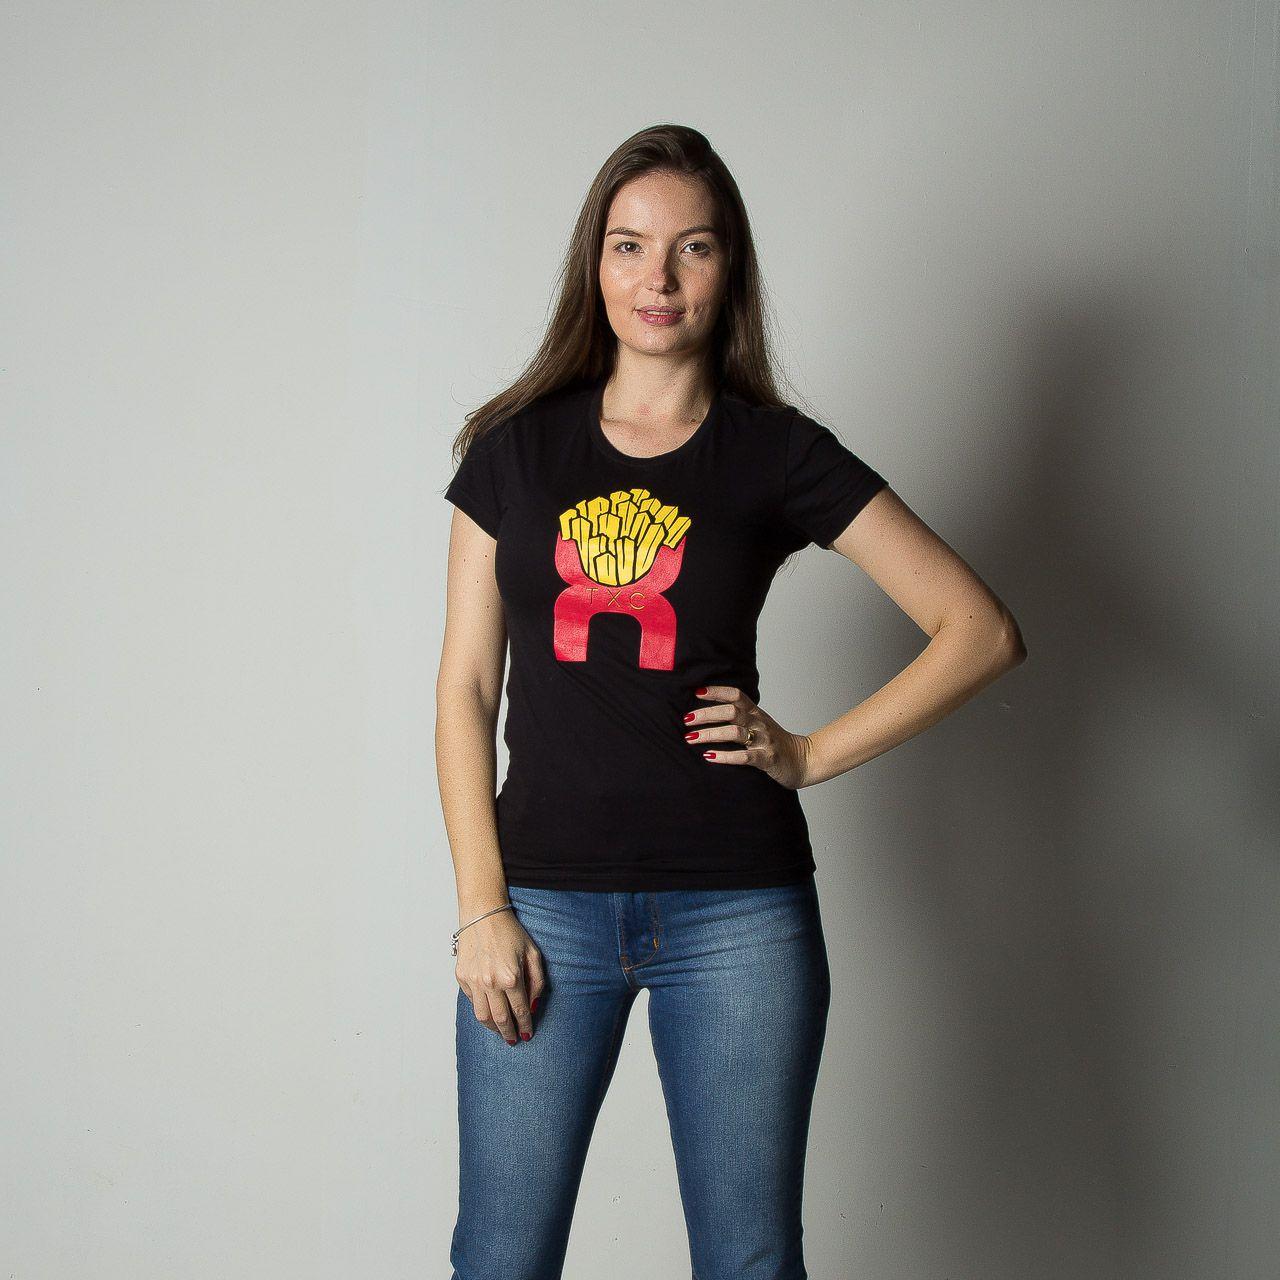 Camiseta   TXC Brand 4407